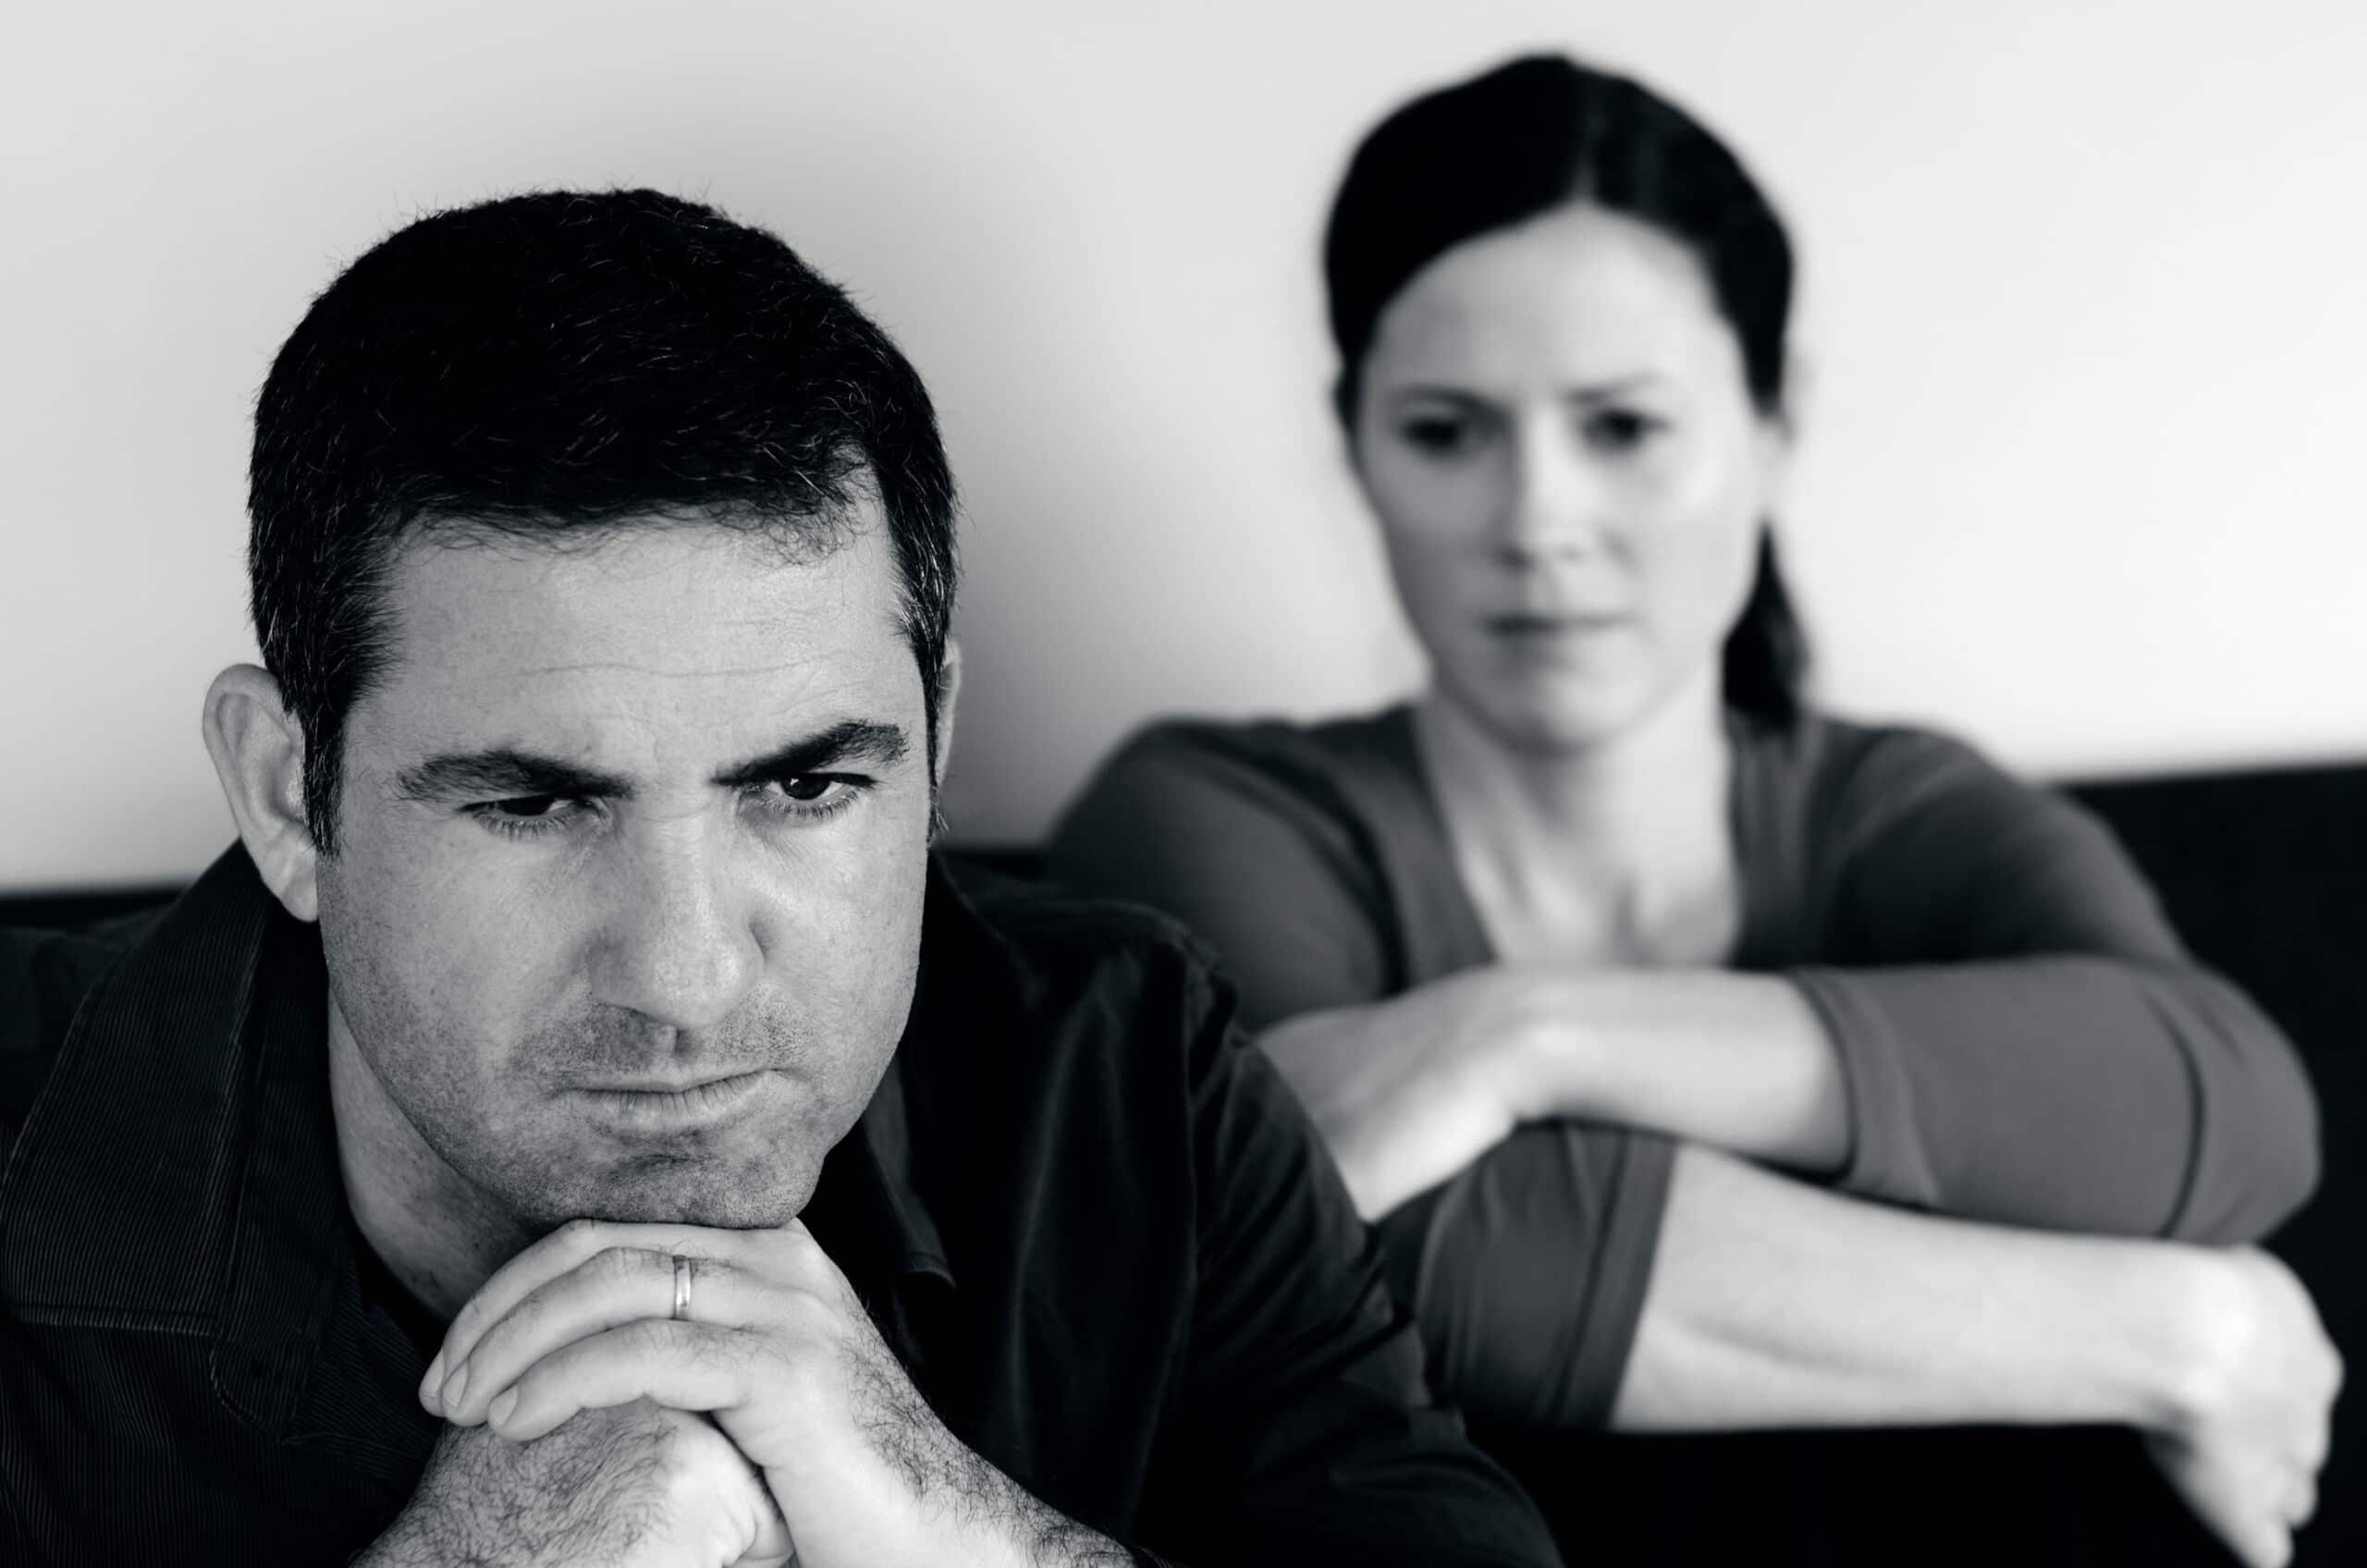 Wife wants divorce